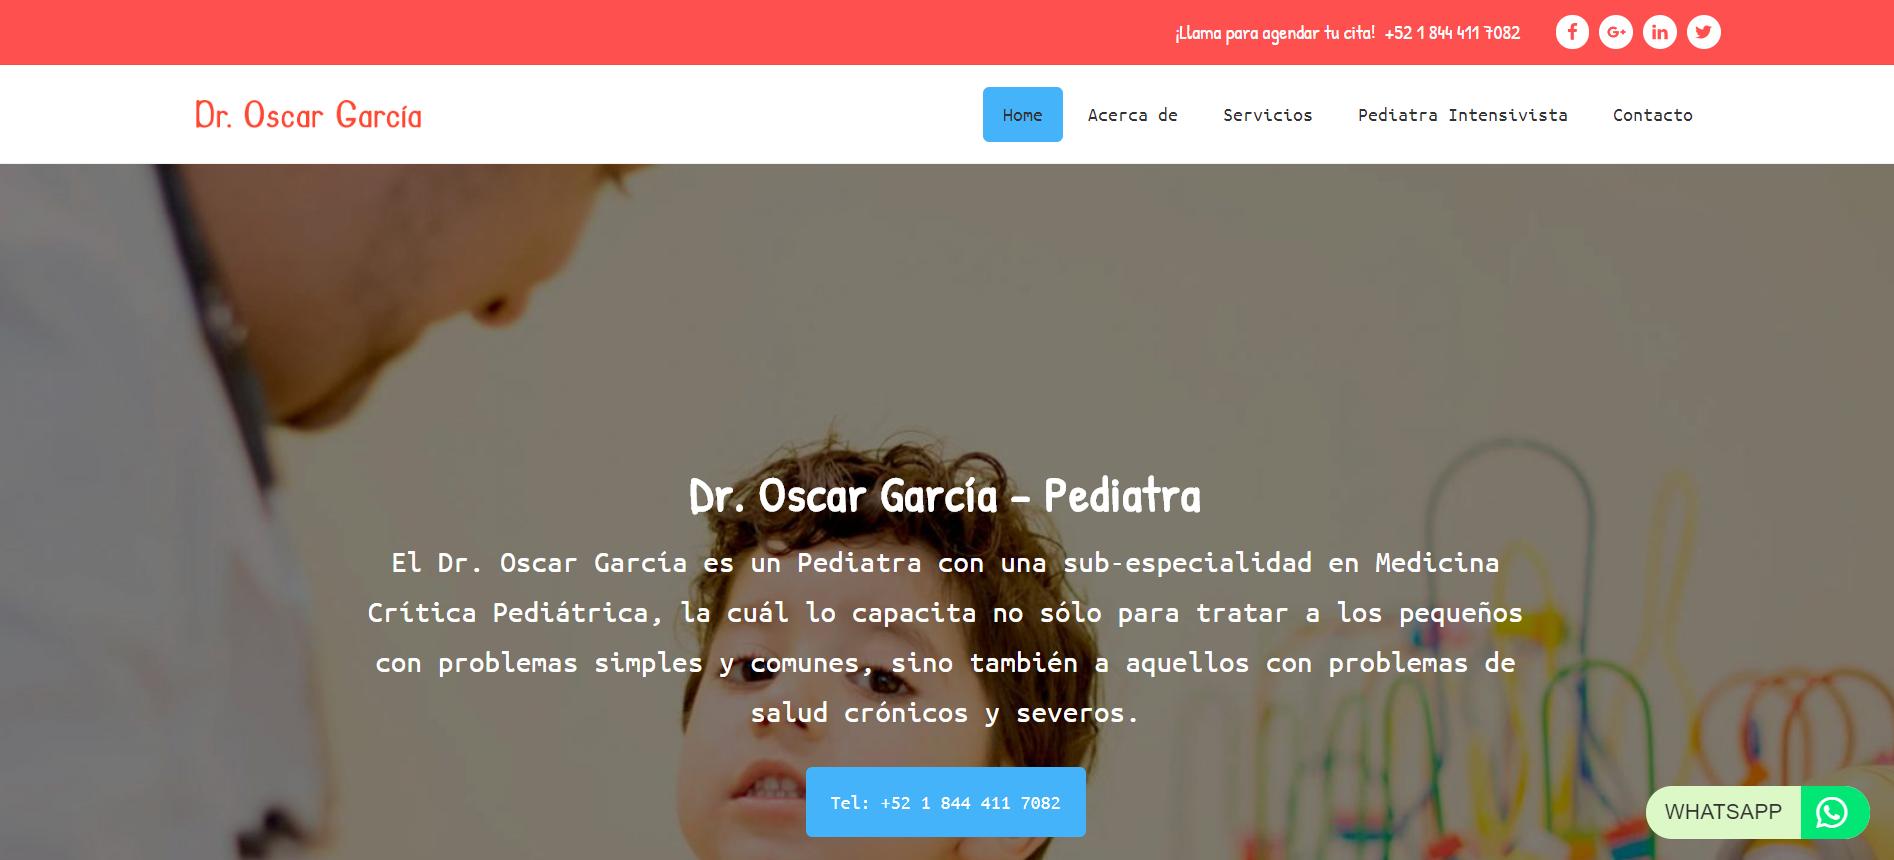 Dr. Oscar García Galvan - Pediatra (Saltillo)